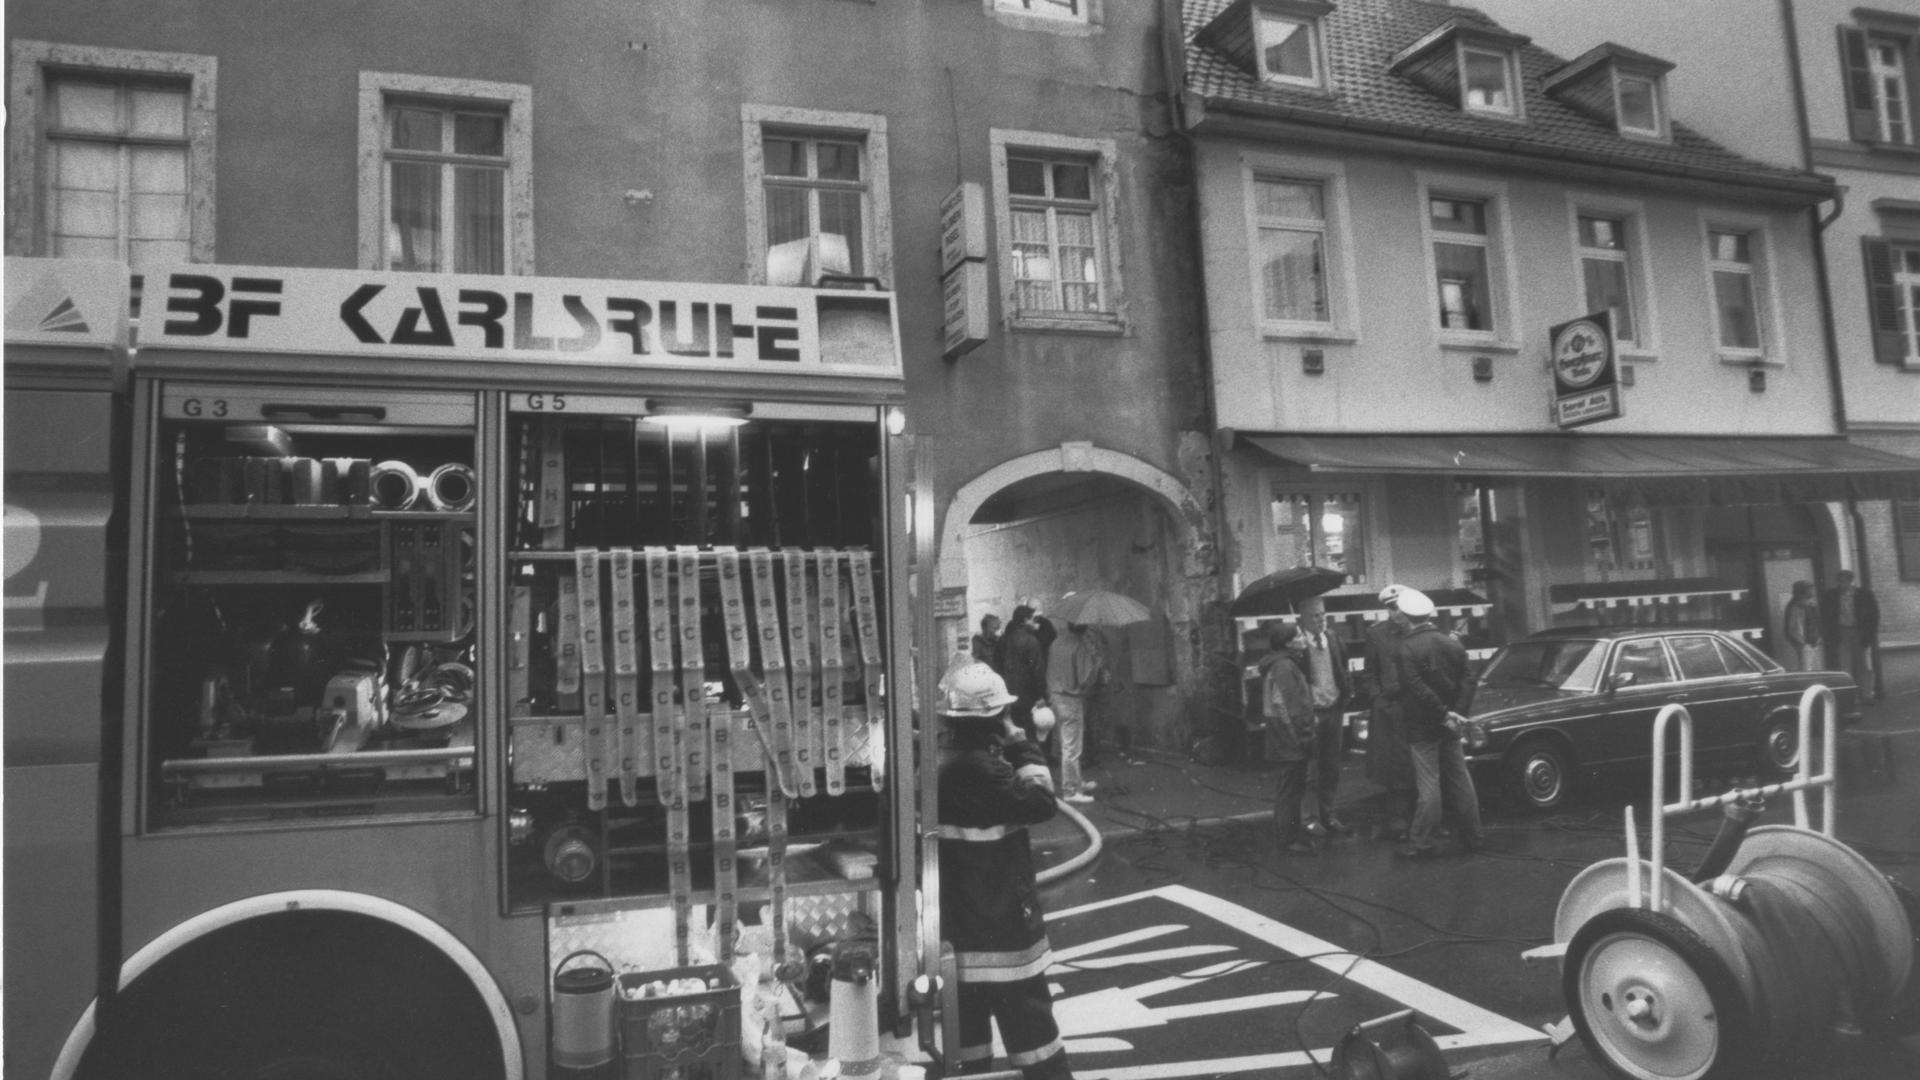 Brandanschlag: Bei einem vorsätzlich gelegten Brand in einem Mehrfamilienhaus in der Karlsruher Markgrafenstraße starben im Oktober 1996 drei Menschen. Sie stammten aus der Türkei.